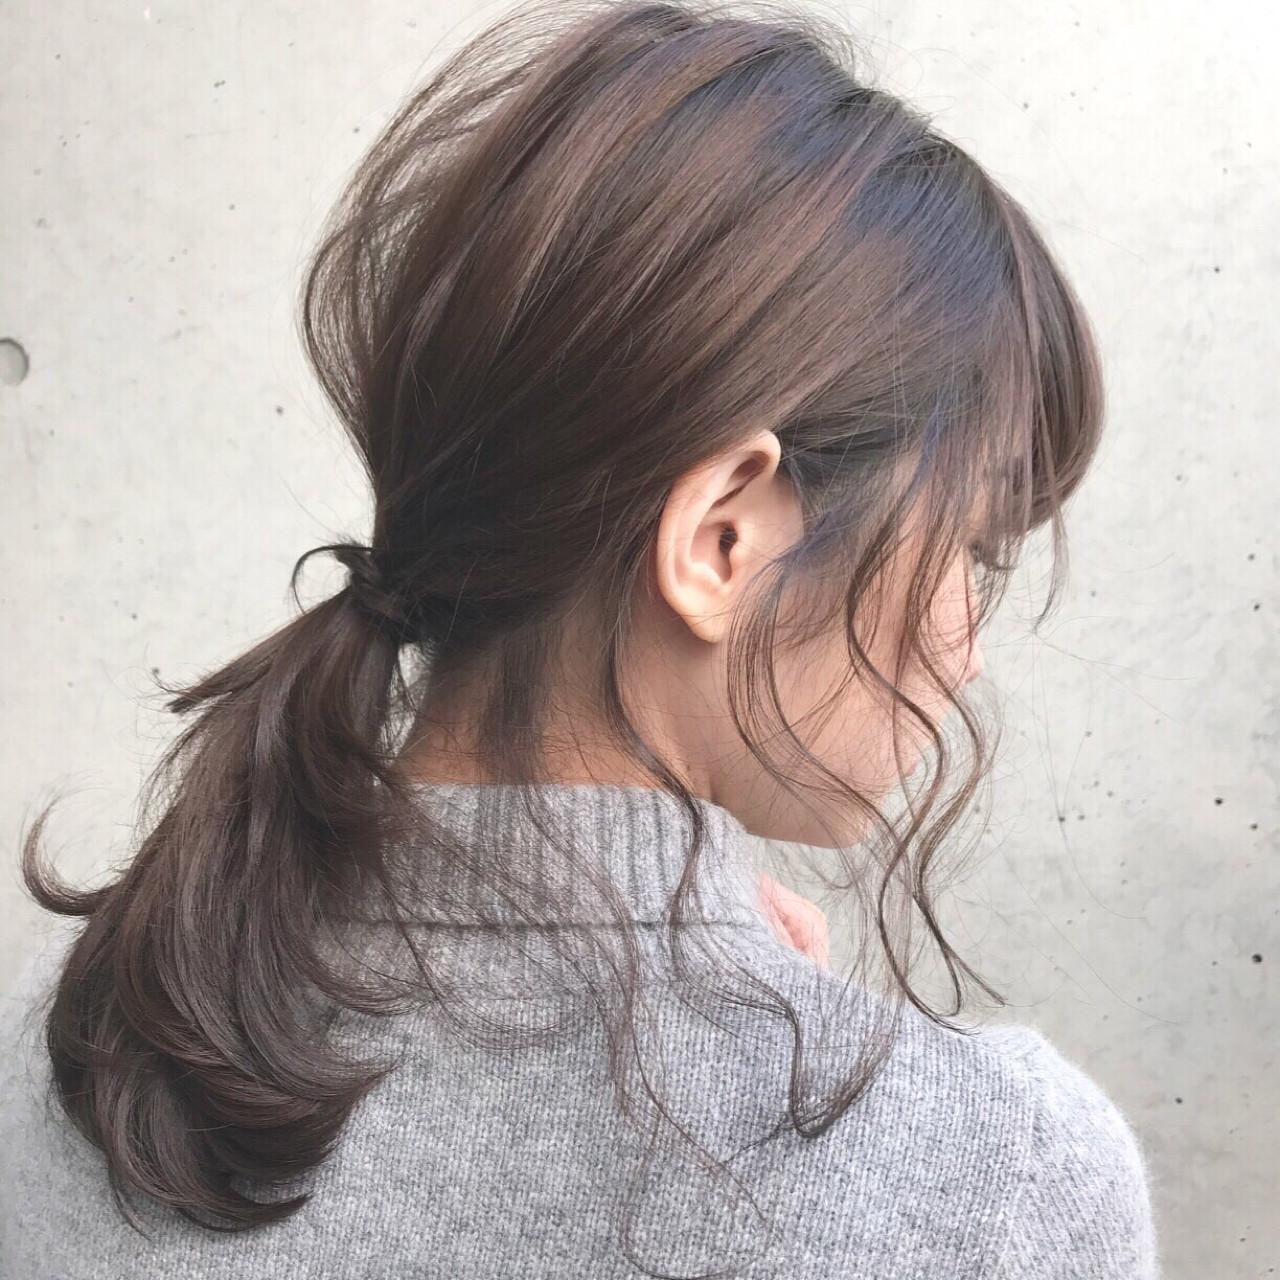 シンプルさが女性の魅力を引き出す! Daichi shimazu